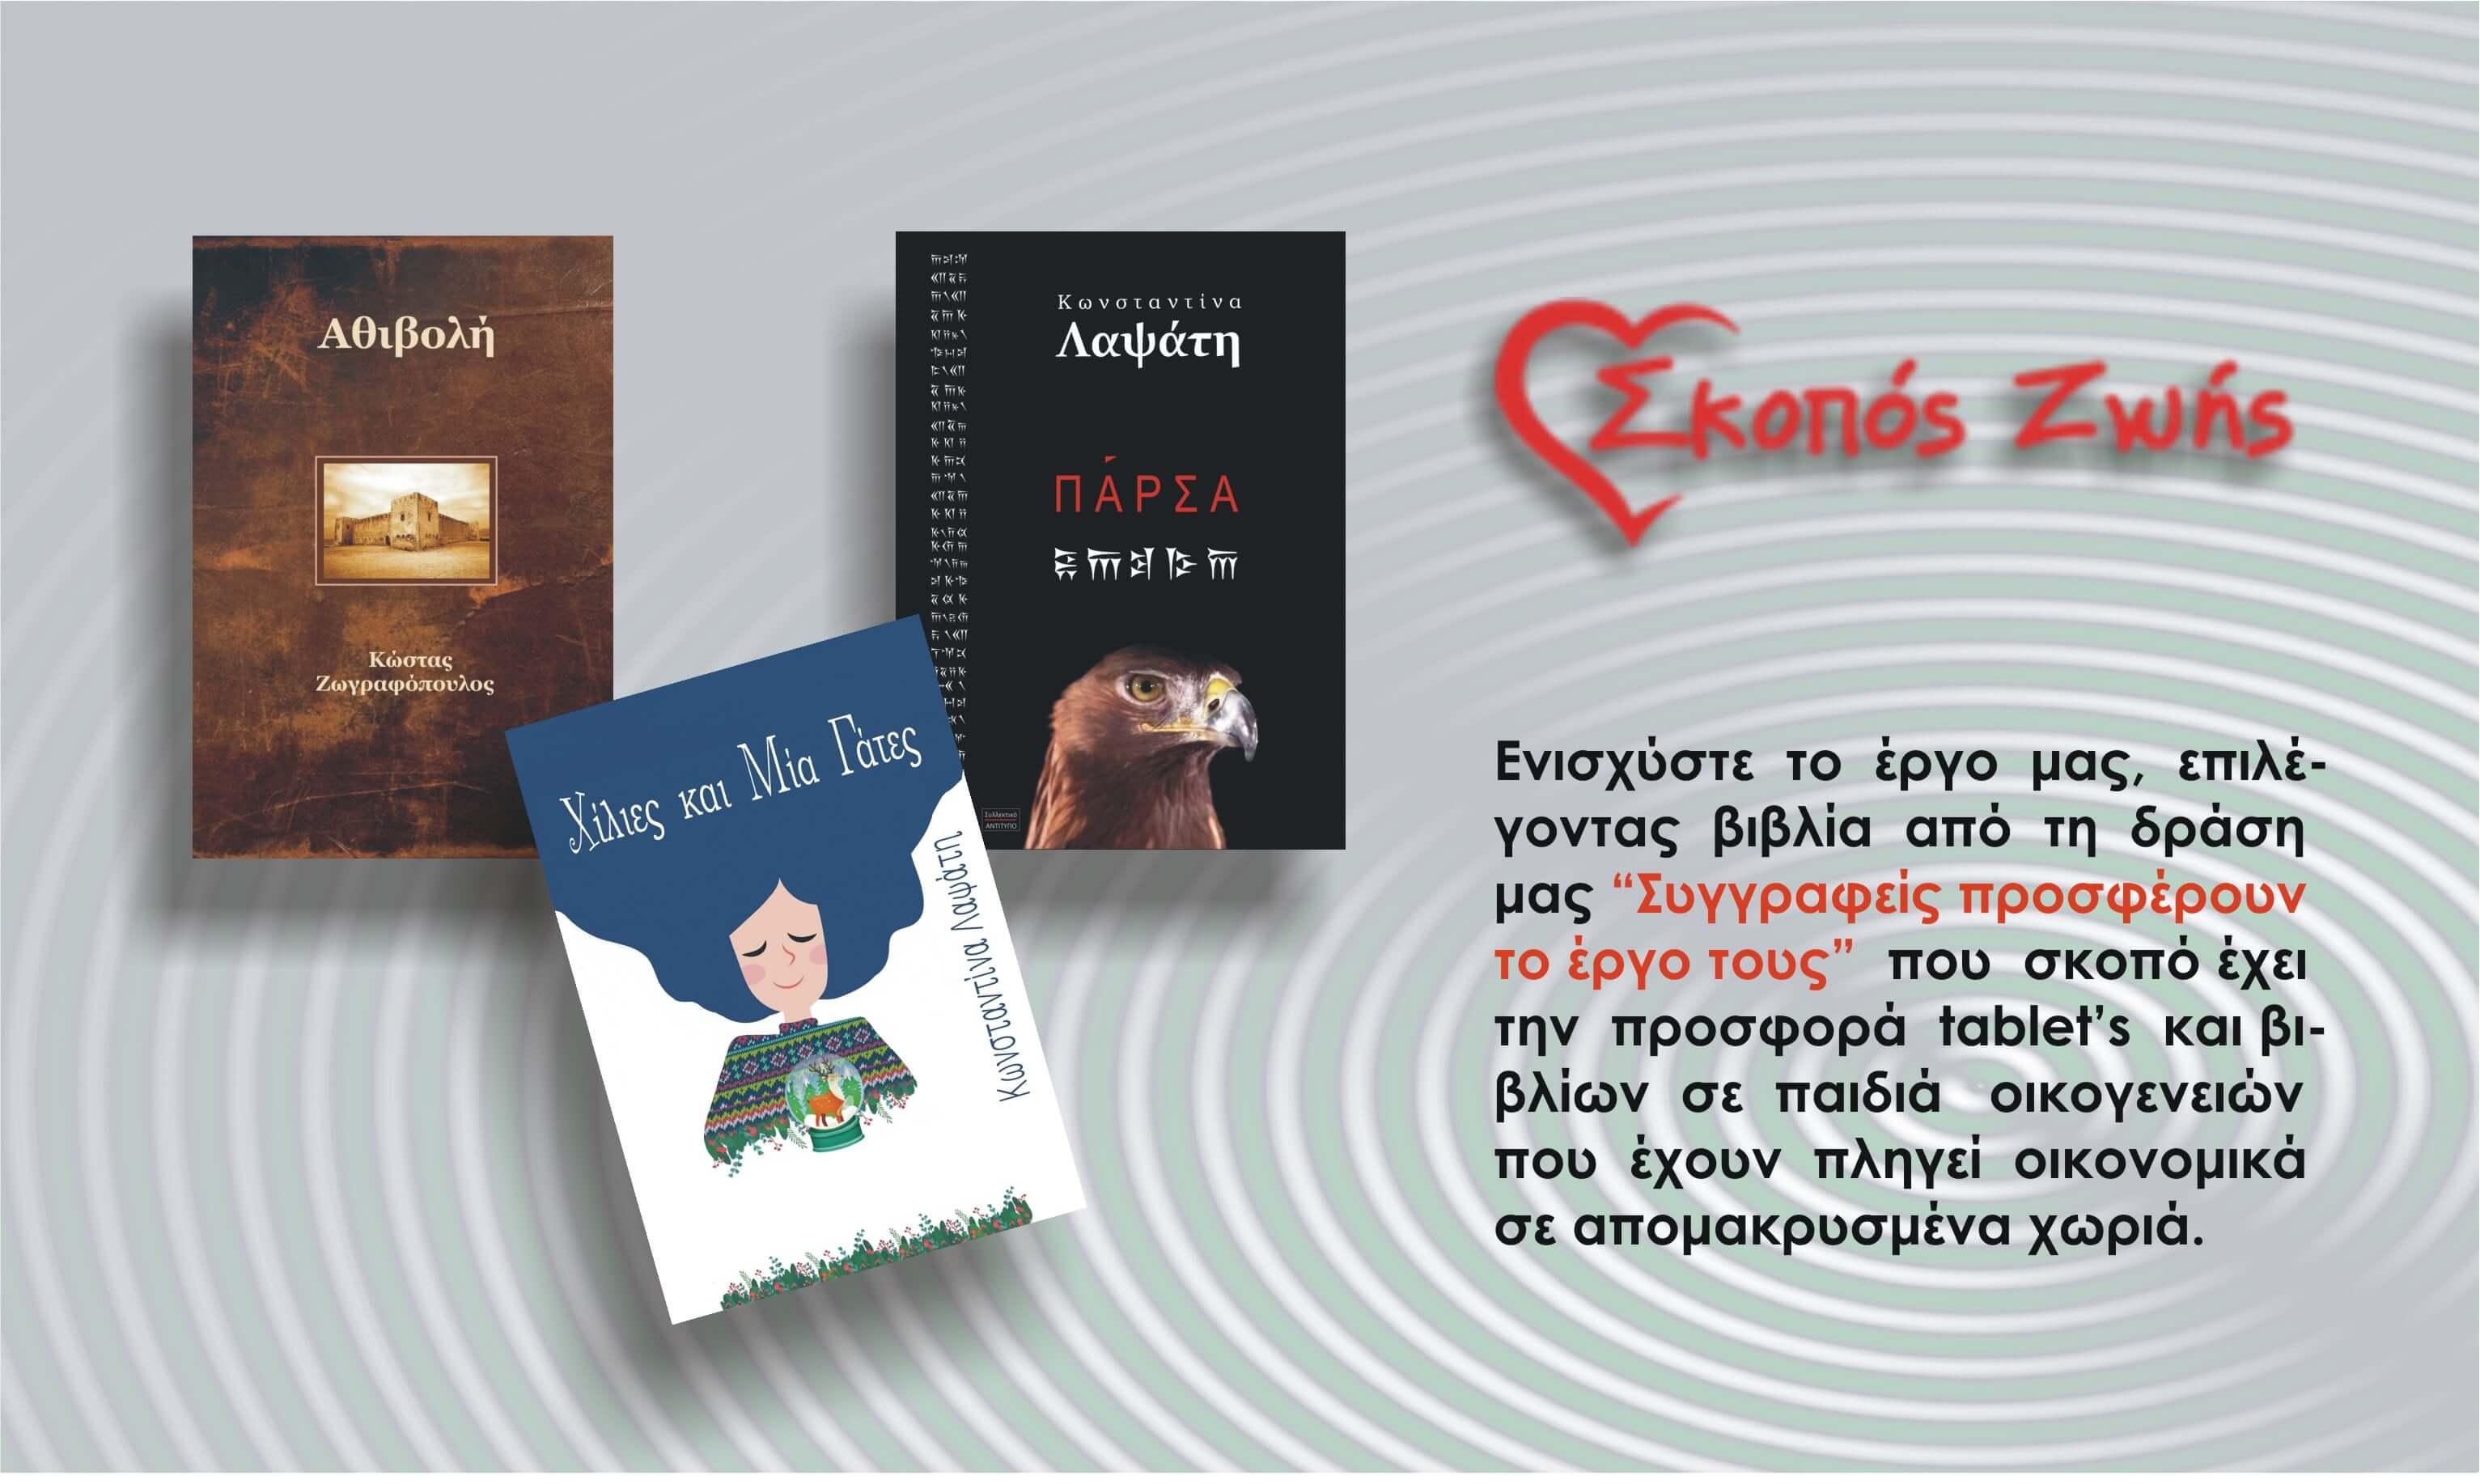 Συγγραφείς ενώνουν τις δυνάμεις τους με τον Σκοπό Ζωής με στόχο την προσφορά μέσα από τα βιβλία τους